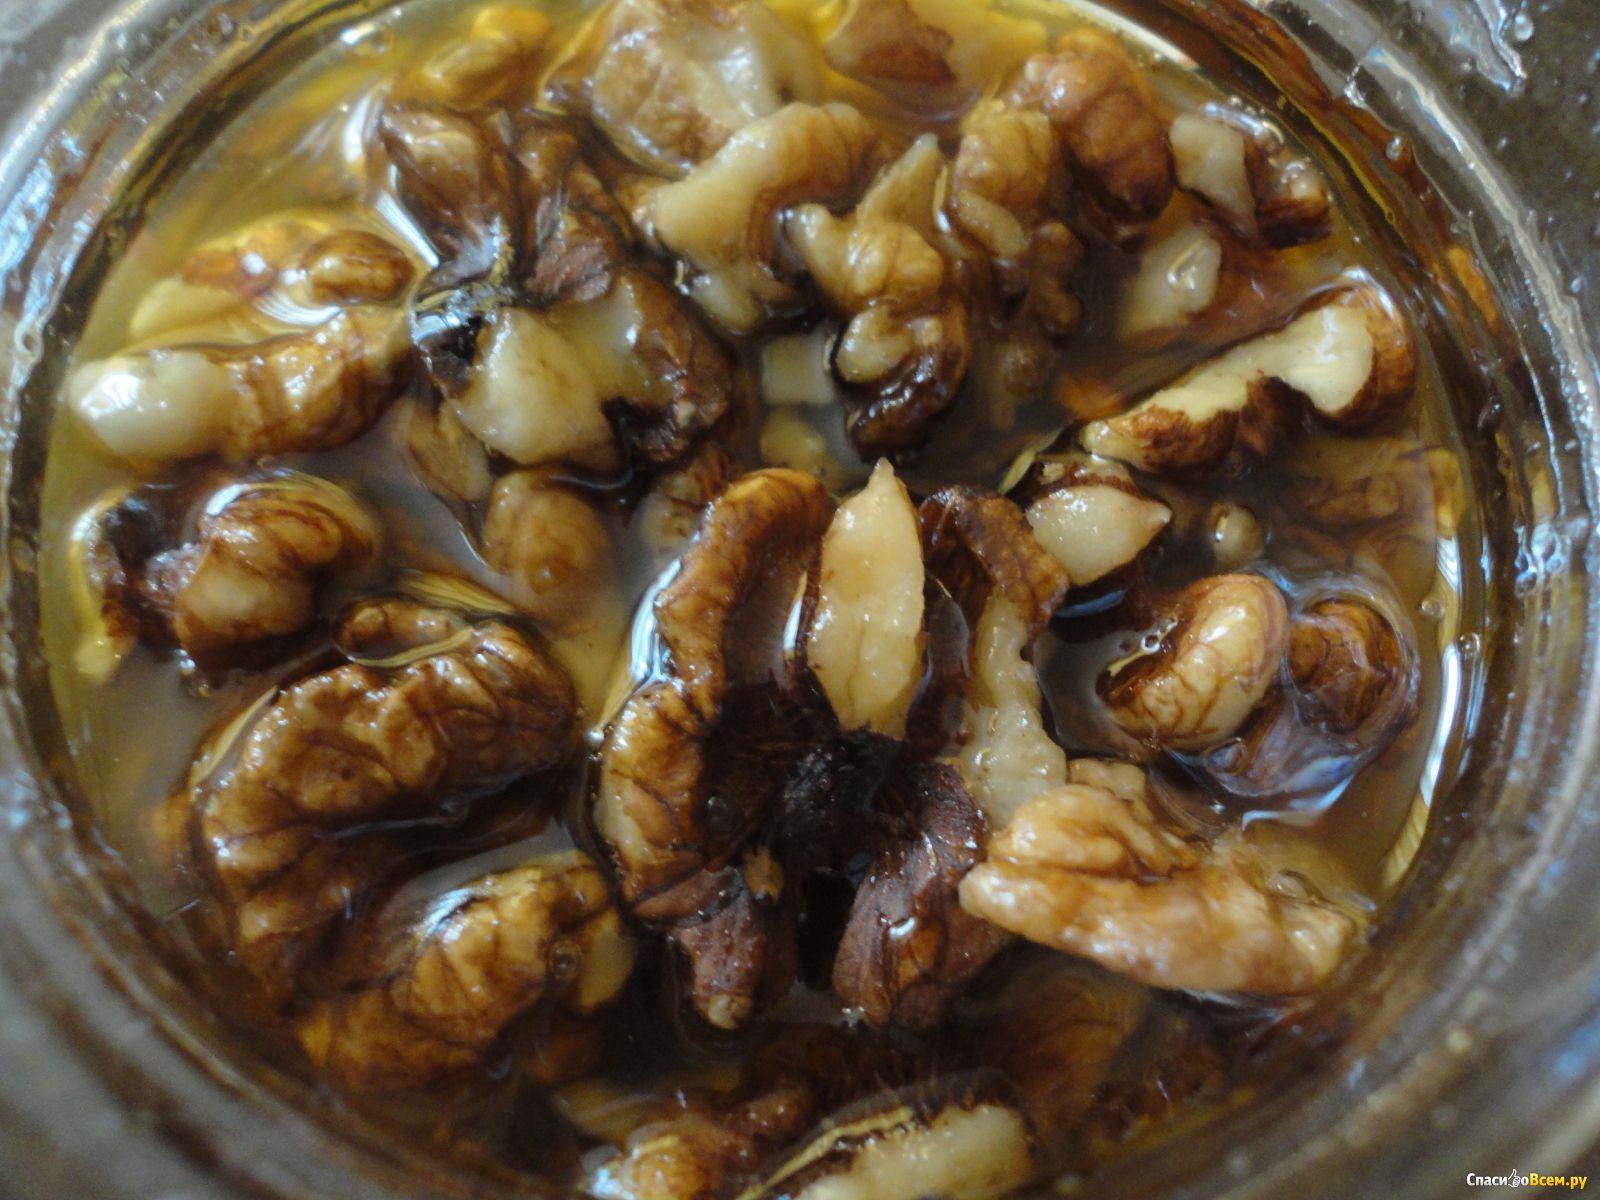 Мед и грецкие орехи для мужчин рецепт пошагово в